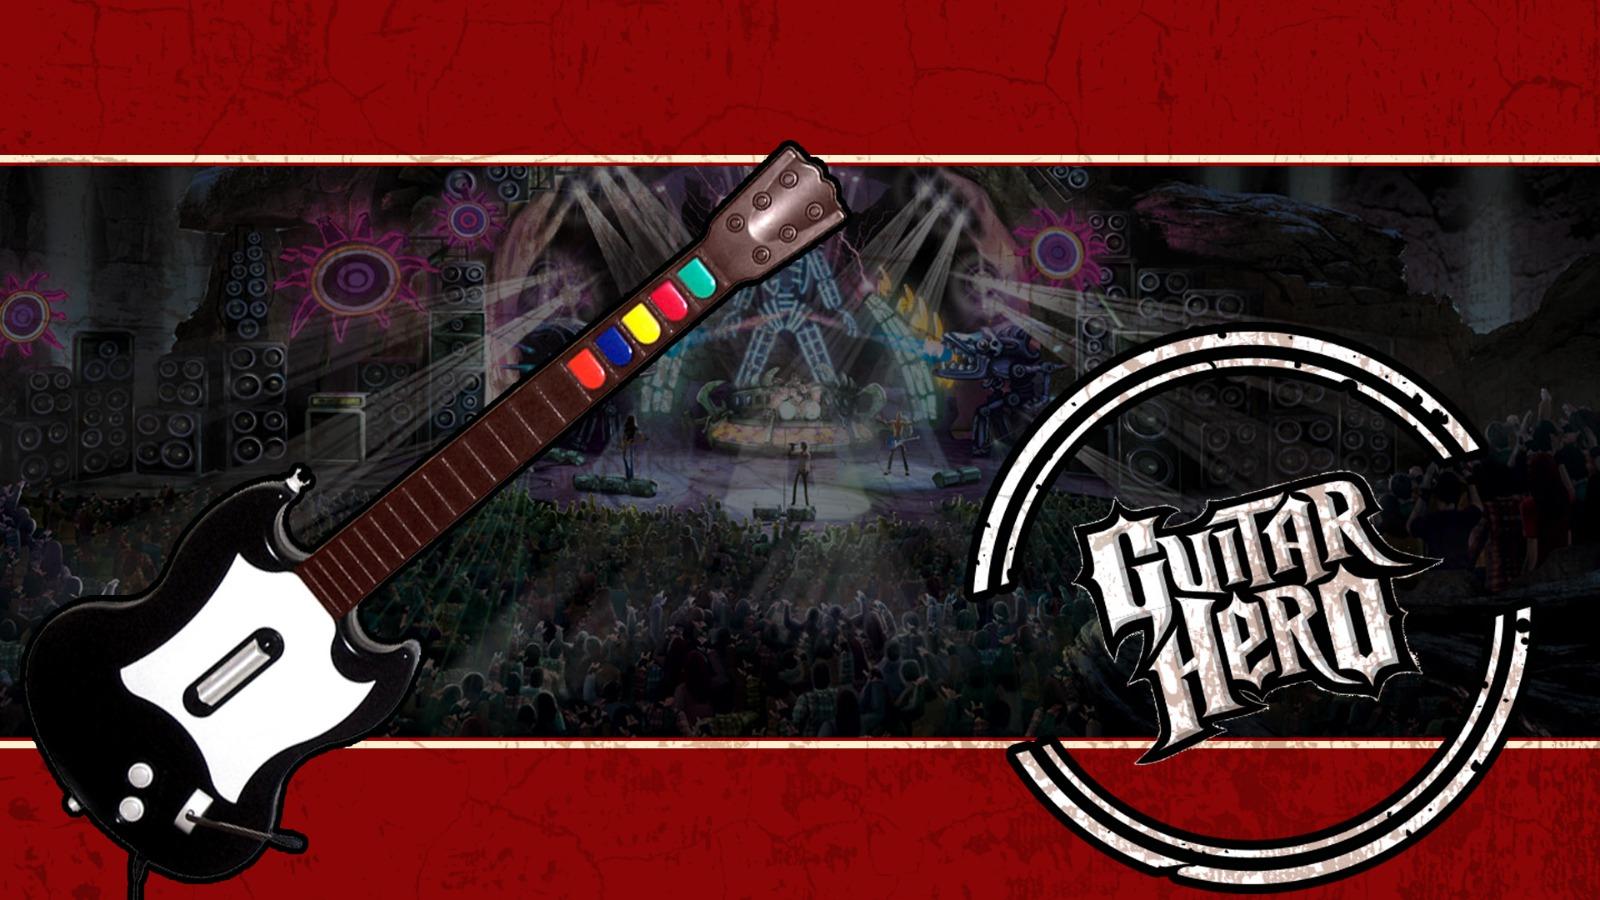 20.00 - Guitar Hero